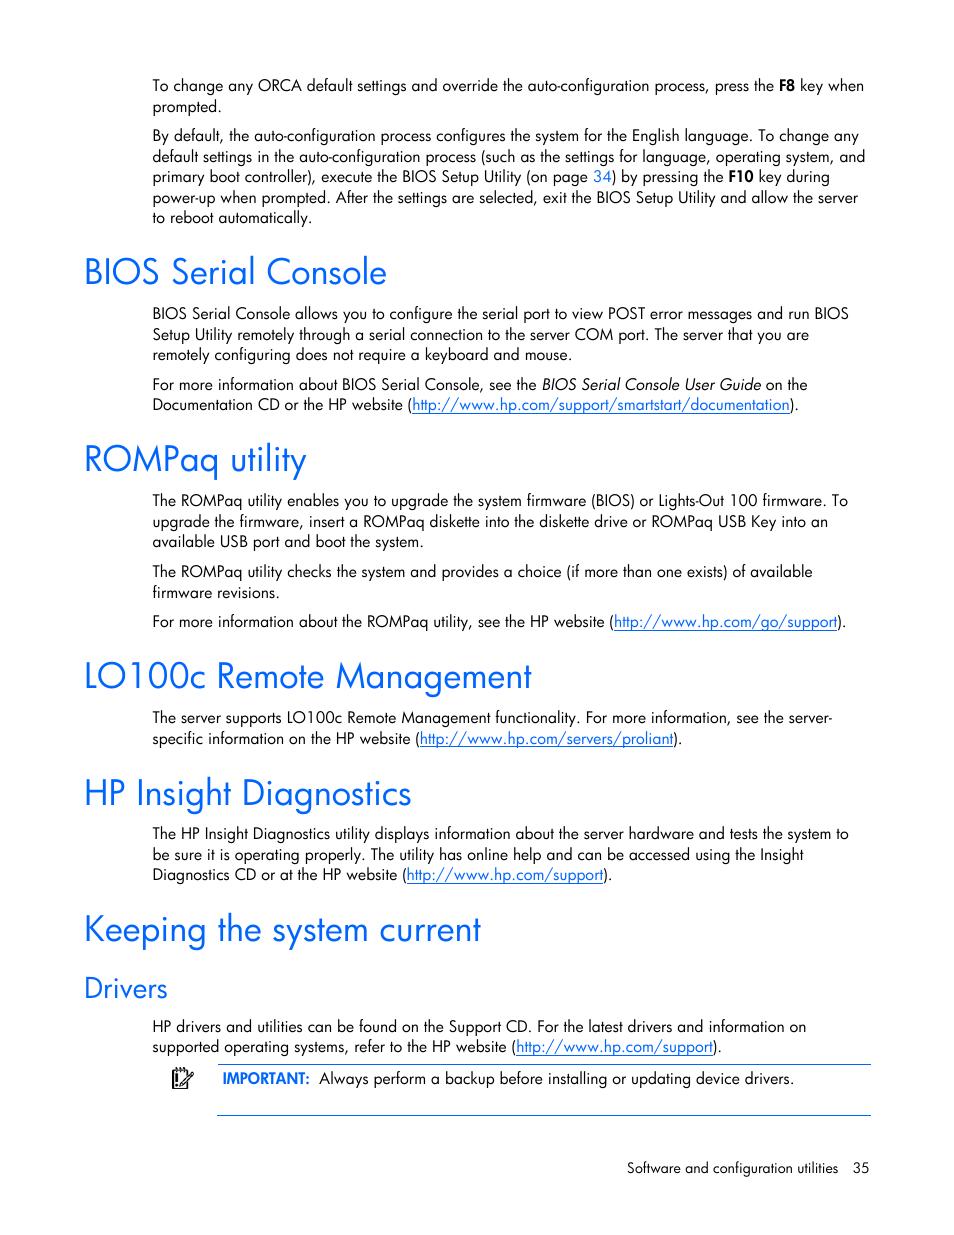 Bios serial console, Rompaq utility, Lo100c remote